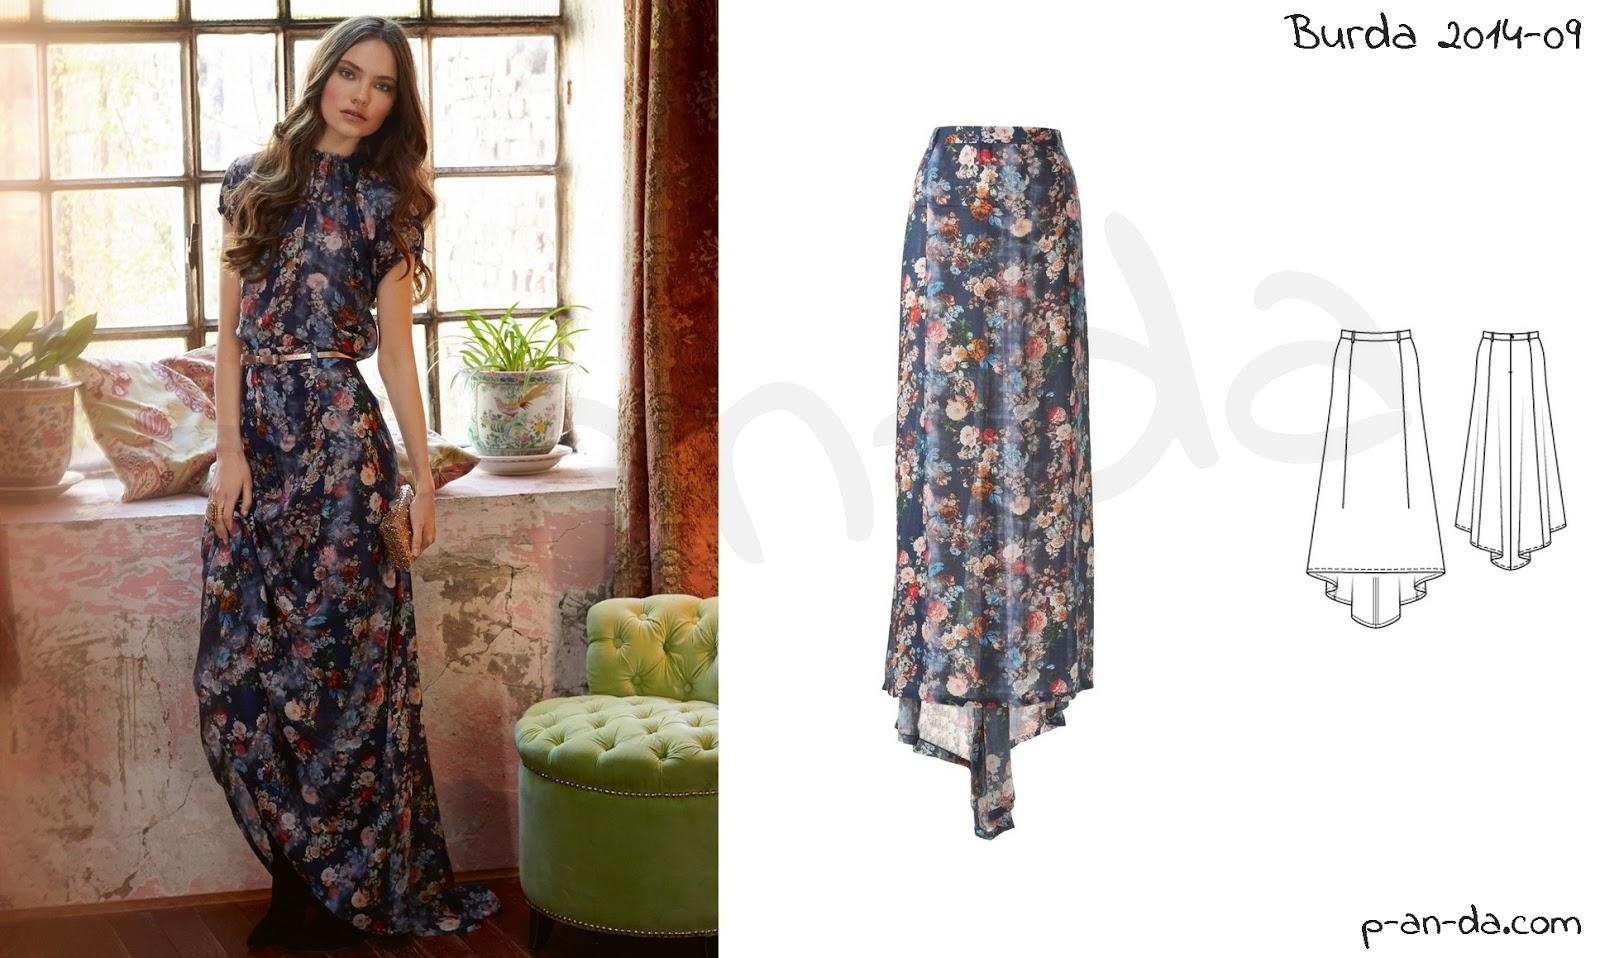 Langes kleid hochzeit – Dein neuer Kleiderfotoblog